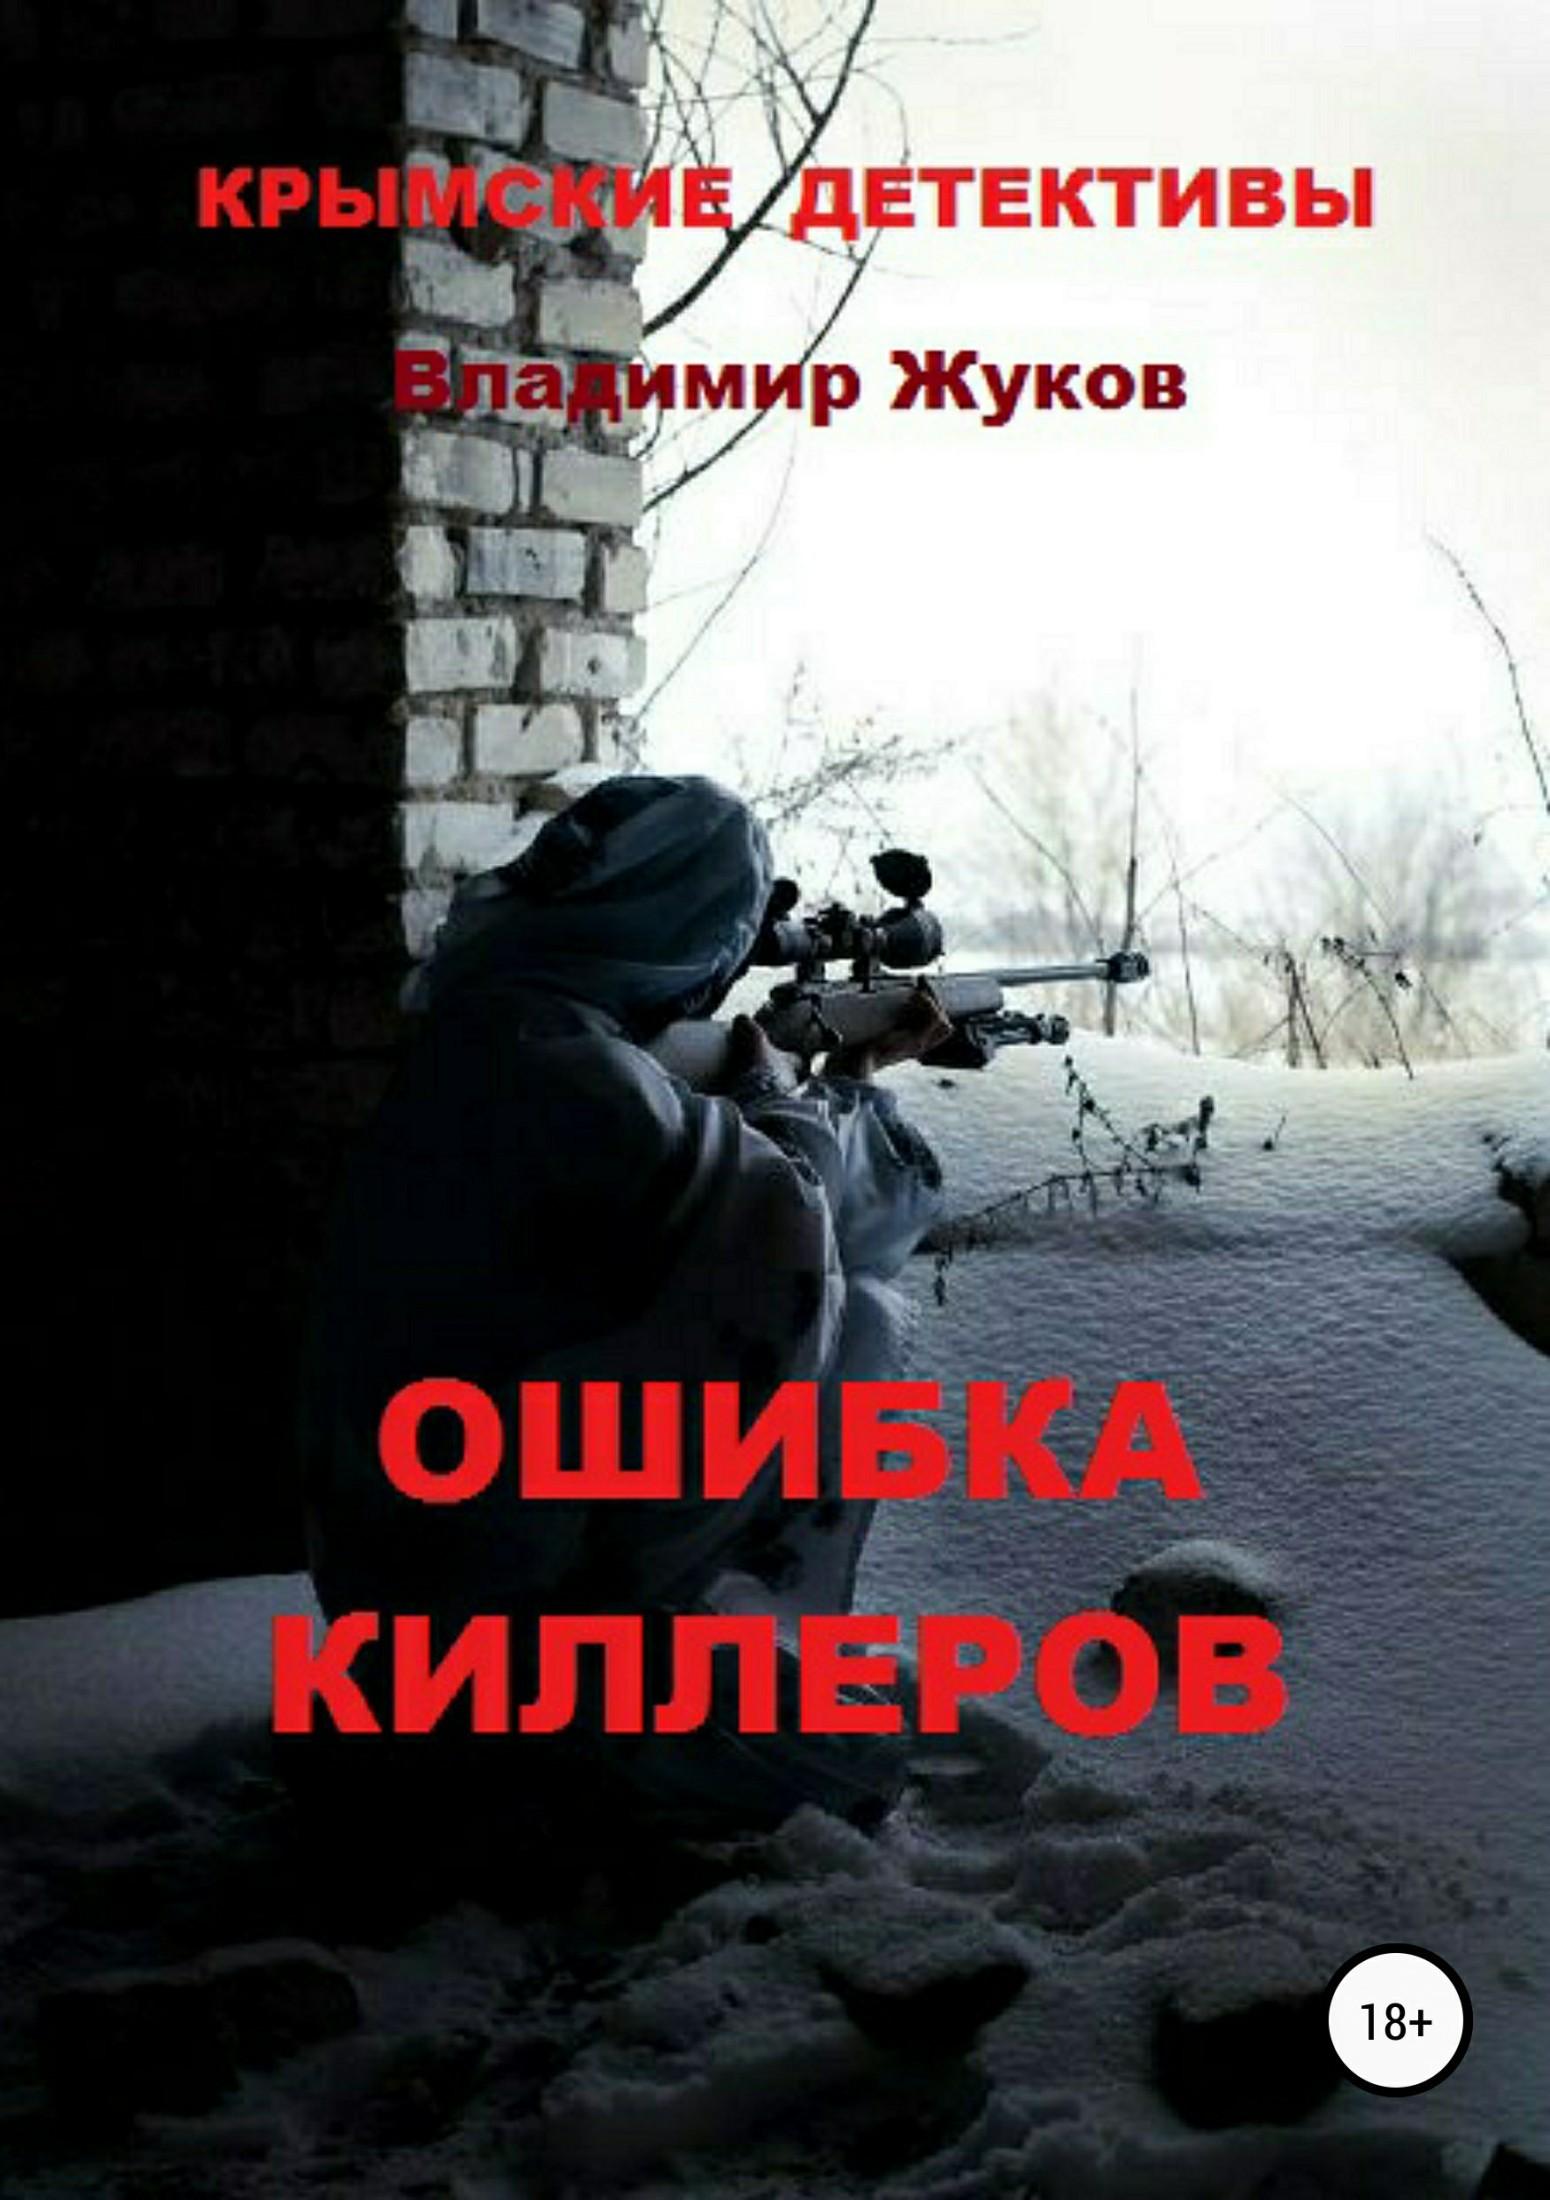 Владимир Александрович Жуков Ошибка киллеров